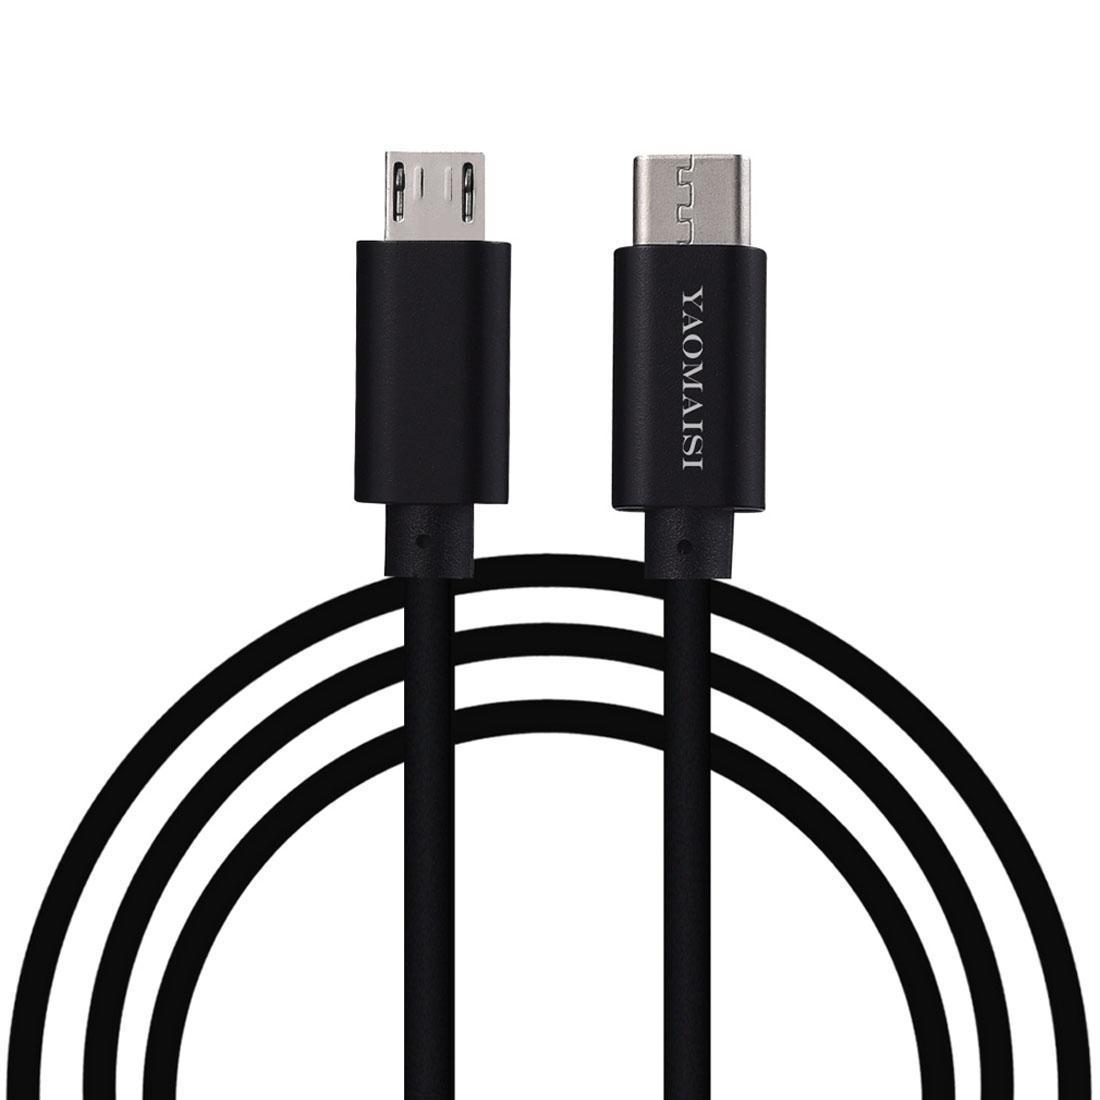 YAOMAISI 1m 3A Ausgang Aluminiumlegierung Typ-C zu Mikro-USB-Datenübertragungen Ladedatenkabel, für Galaxie, Huawei, Xiaomi, LG, HTC und andere